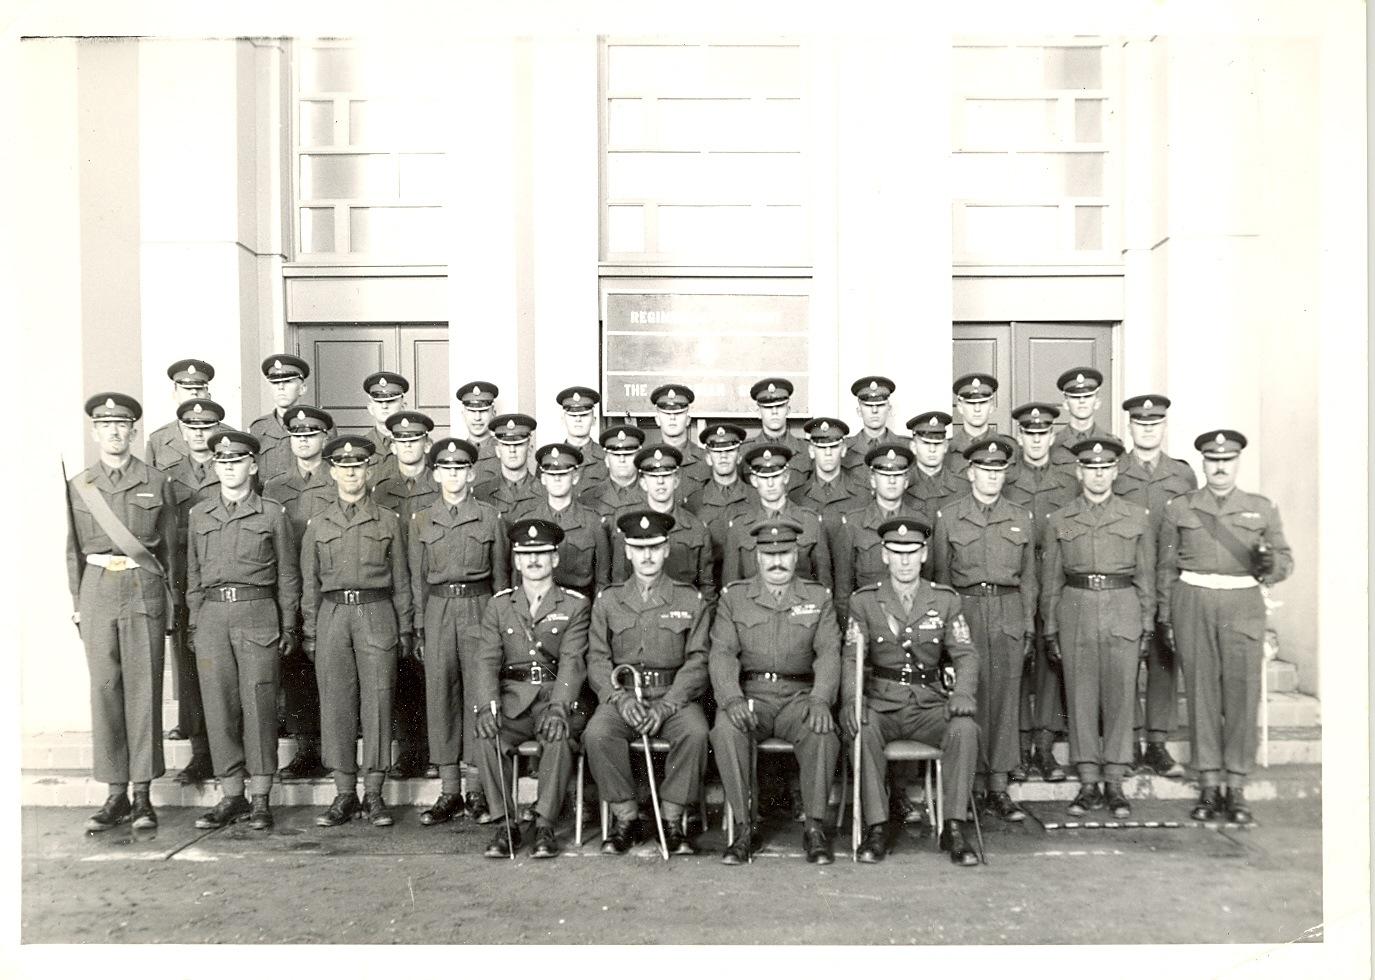 9_Canadian Guards circa 1959